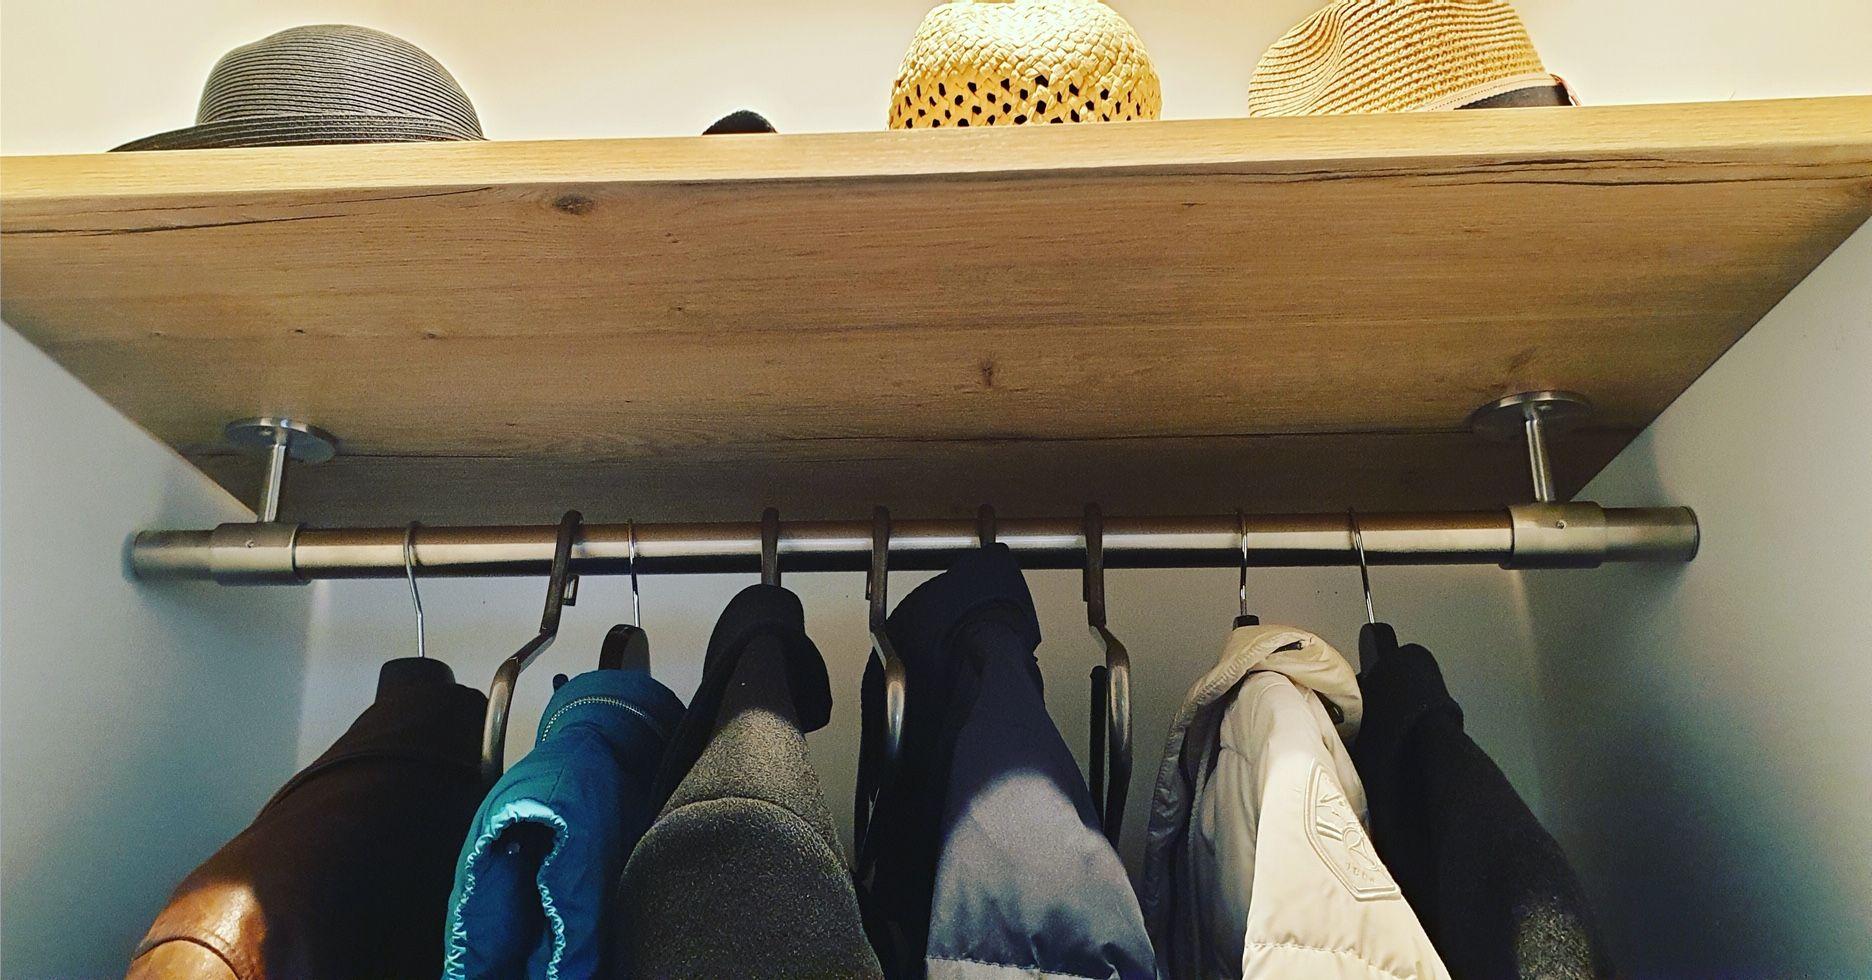 V2a Kleiderstange Regalmontage Garderobe Stange Kleiderstange Garderobenstange